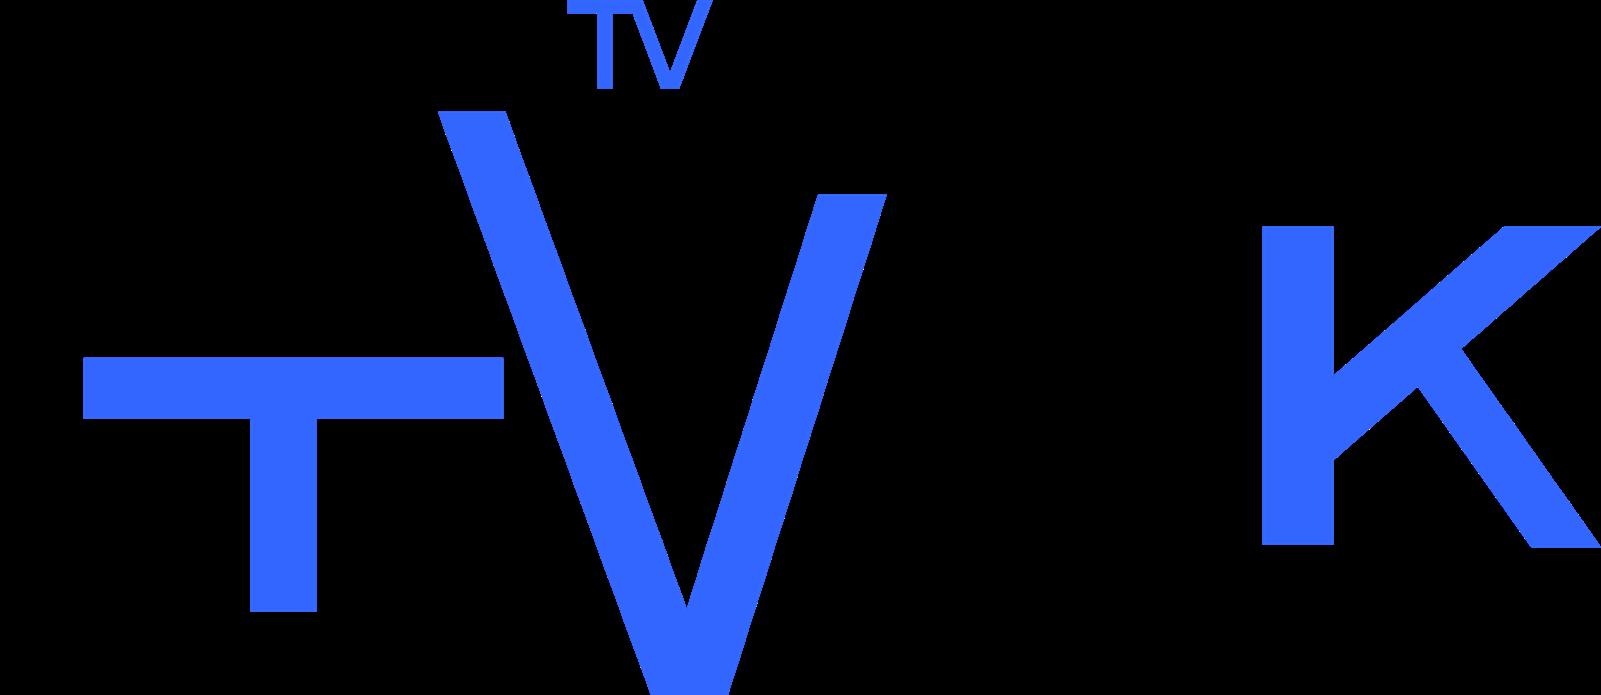 ETVKK (Europe)